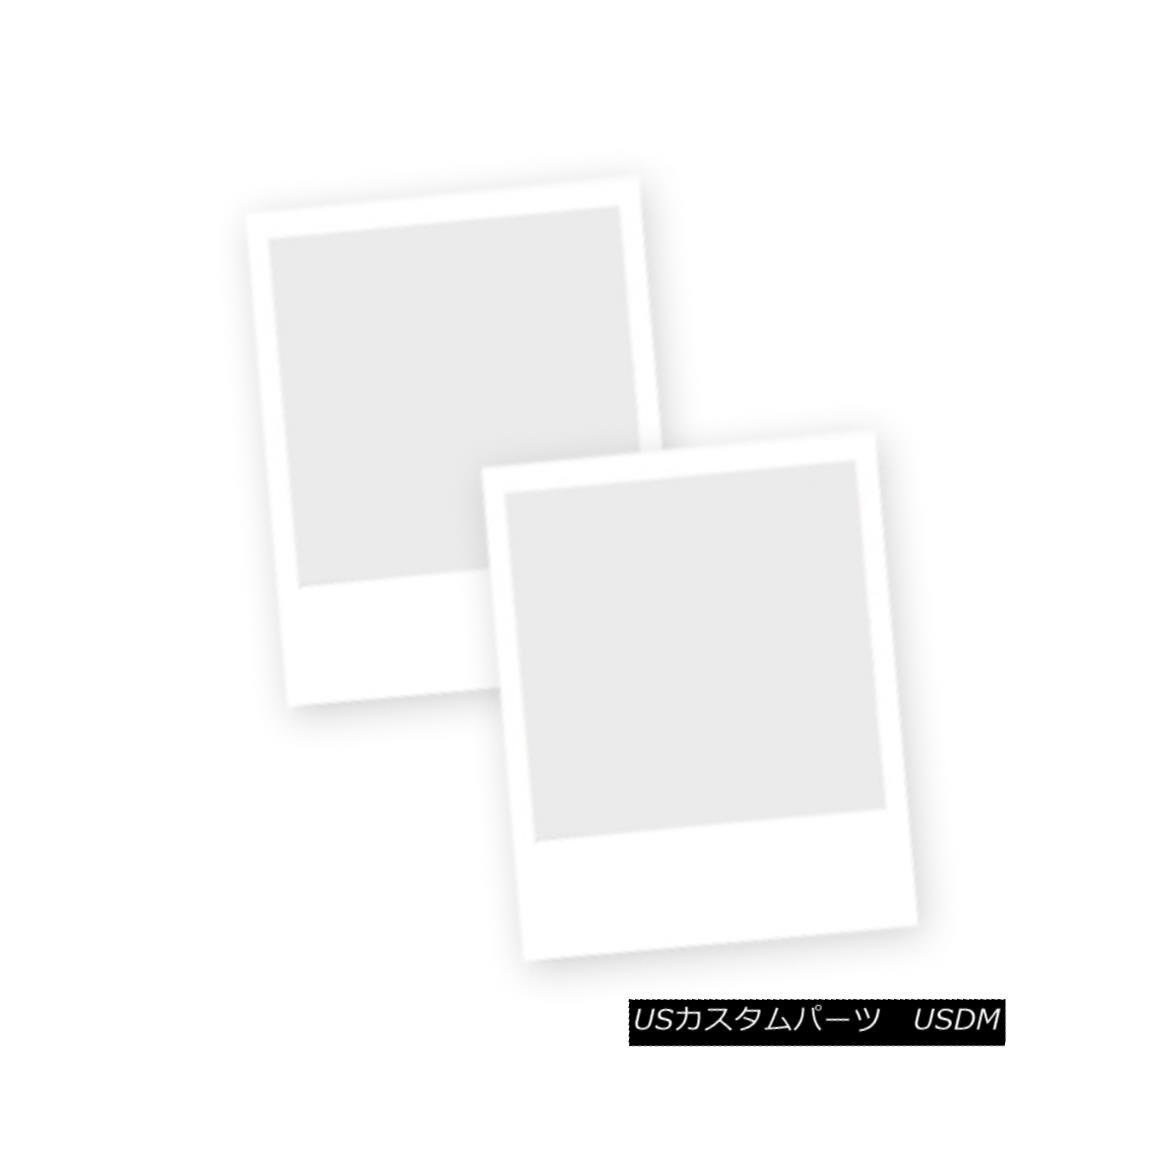 グリル New Replacement Front Grille Matte Black 104-51224 Platinum Plus 新しい交換用フロントグリルマットブラック104-51224プラチナプラス